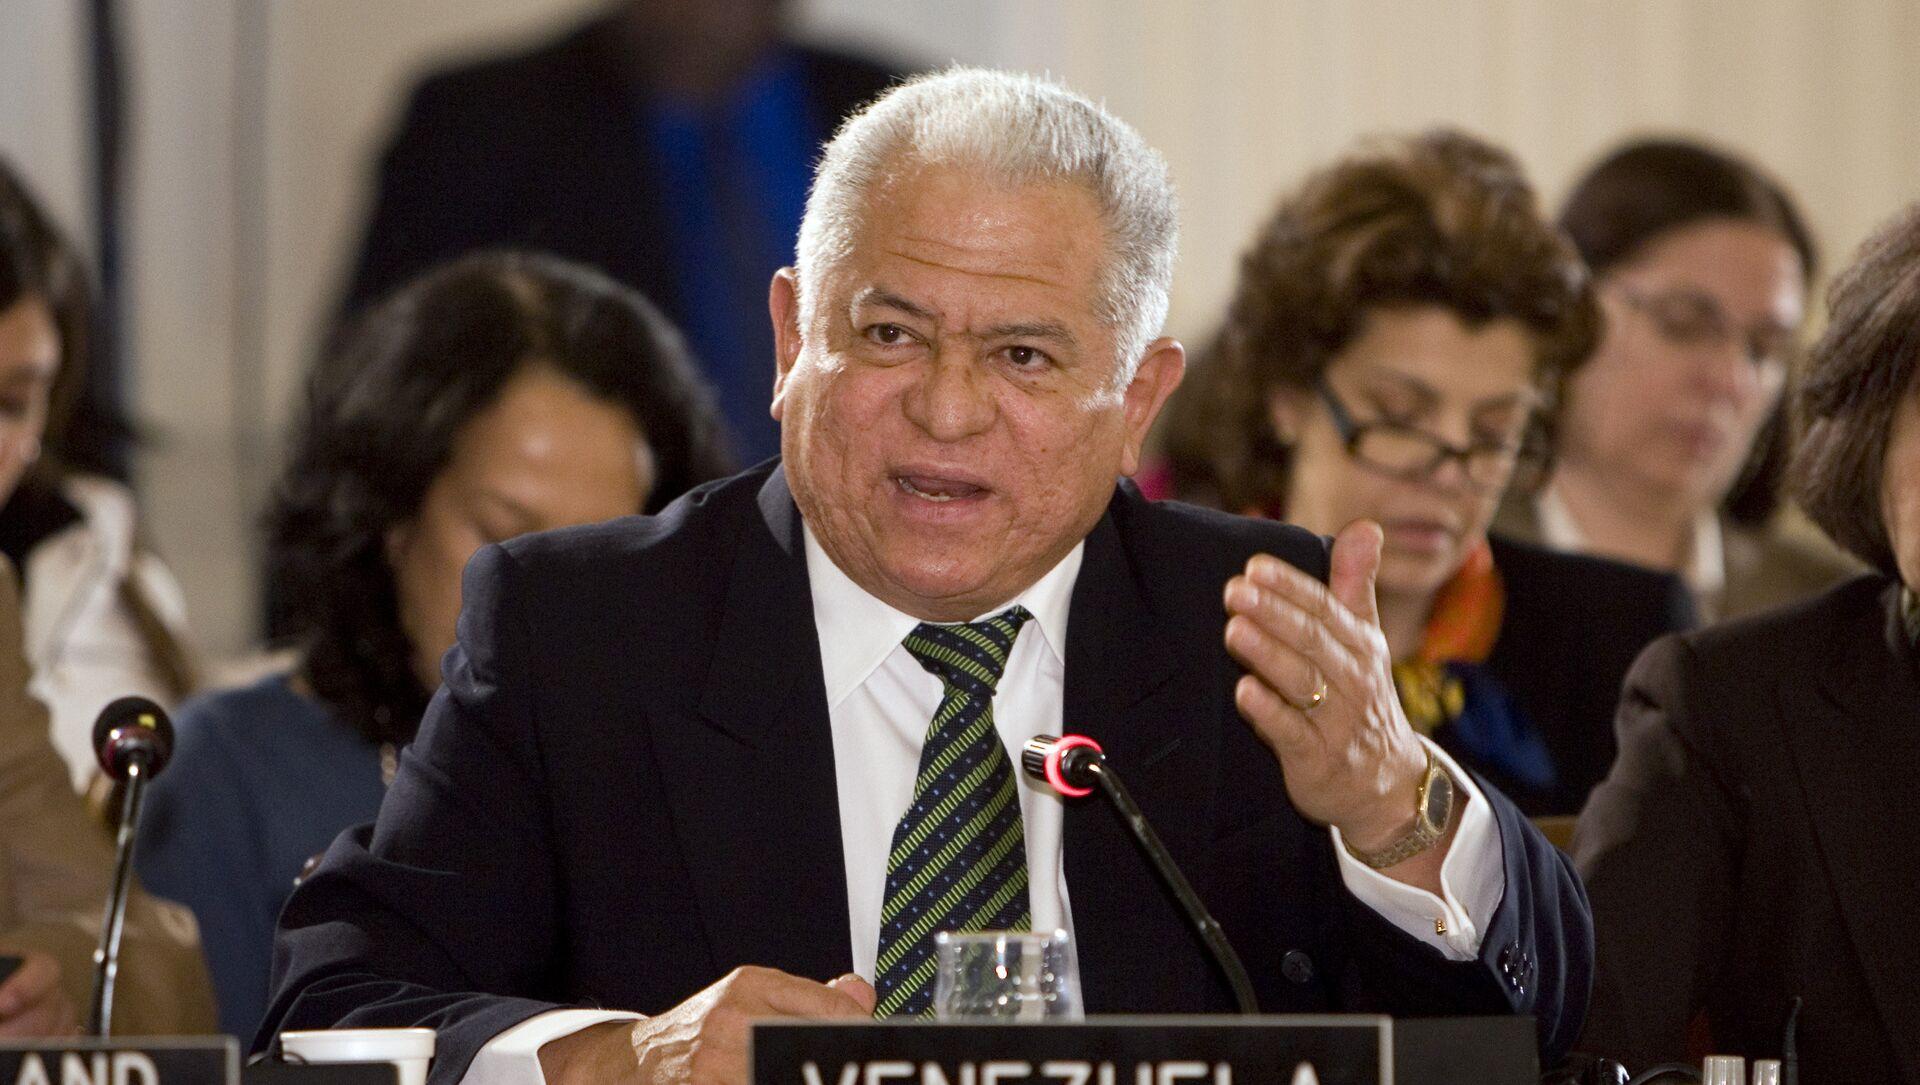 Jorge Valero, representante de Venezuela ante la ONU en Ginebra - Sputnik Mundo, 1920, 06.10.2020